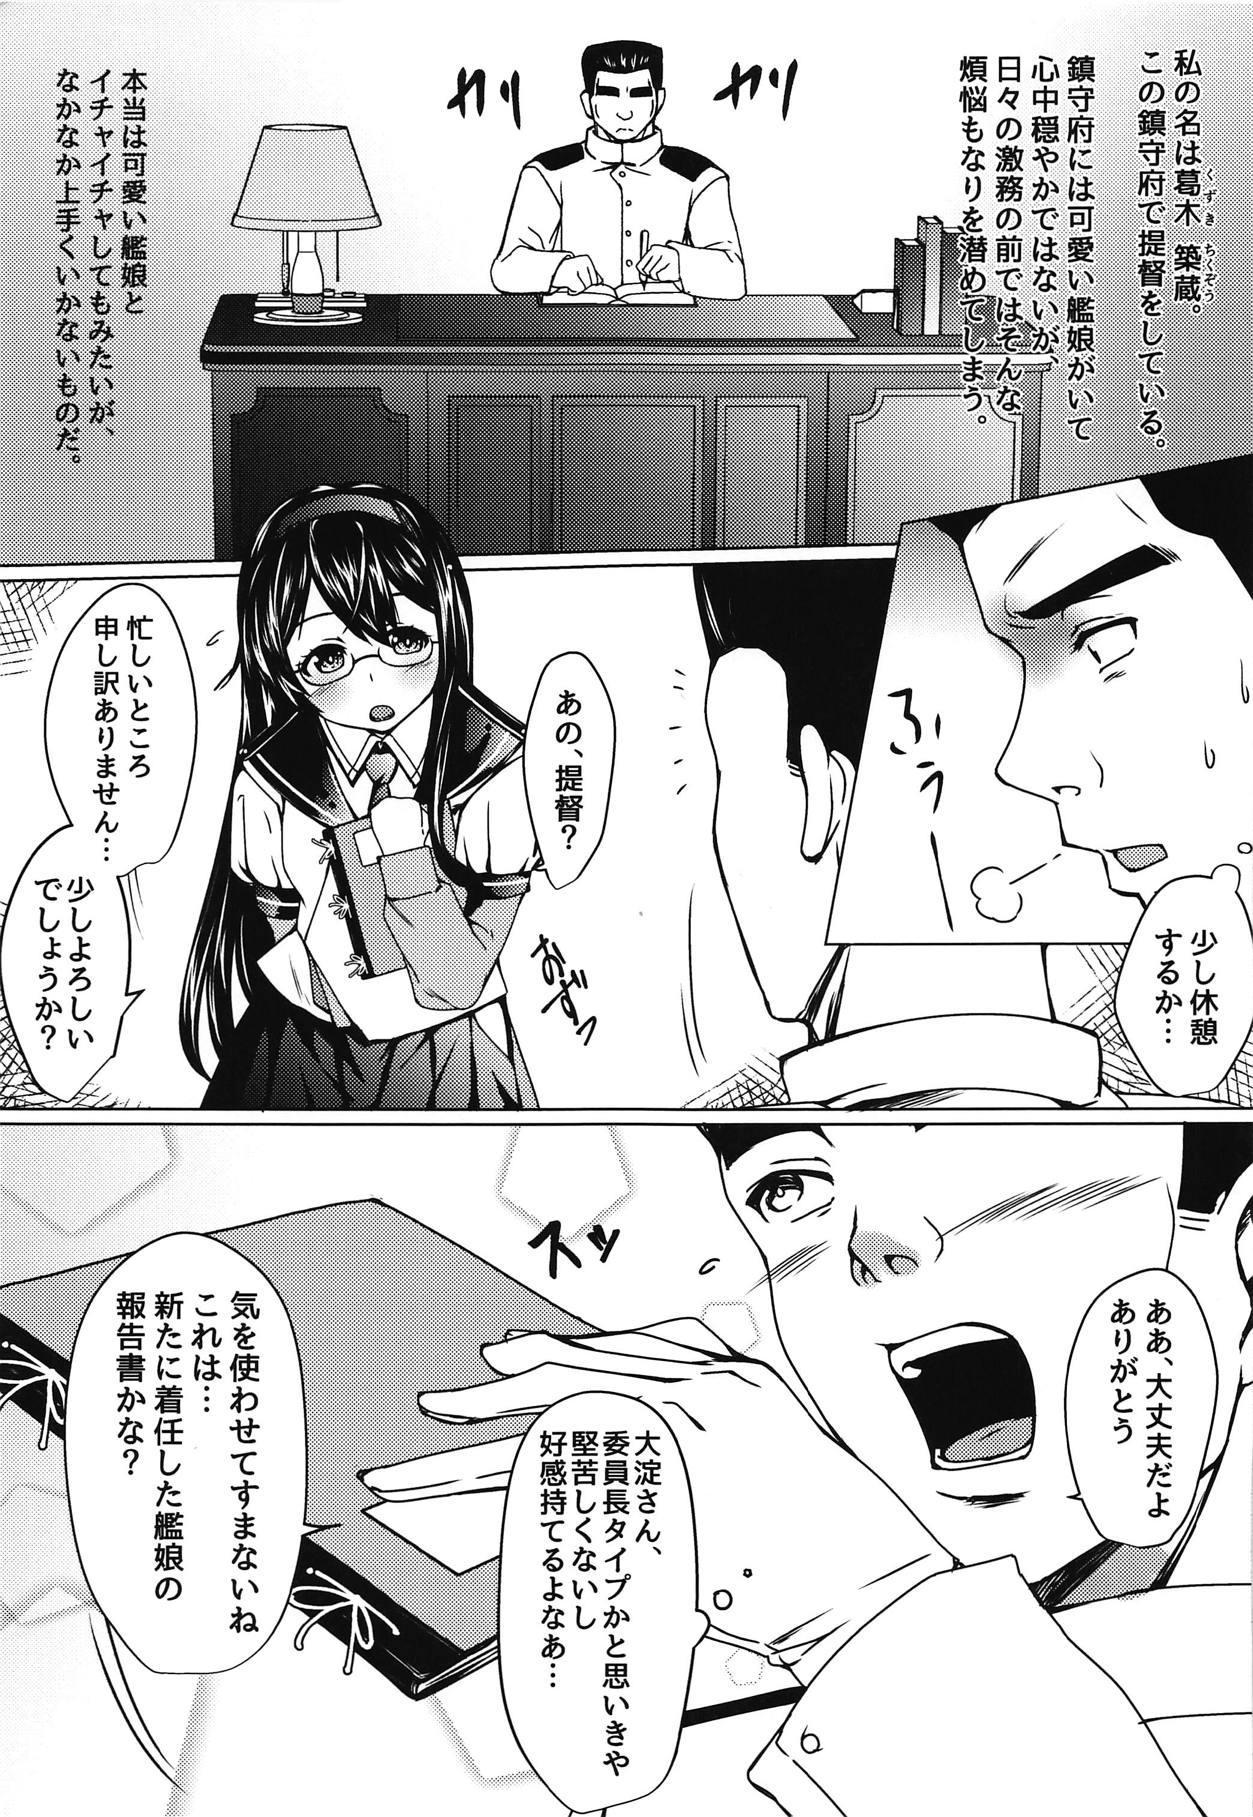 Kaiboukan to Himitsu no Enshuu 3